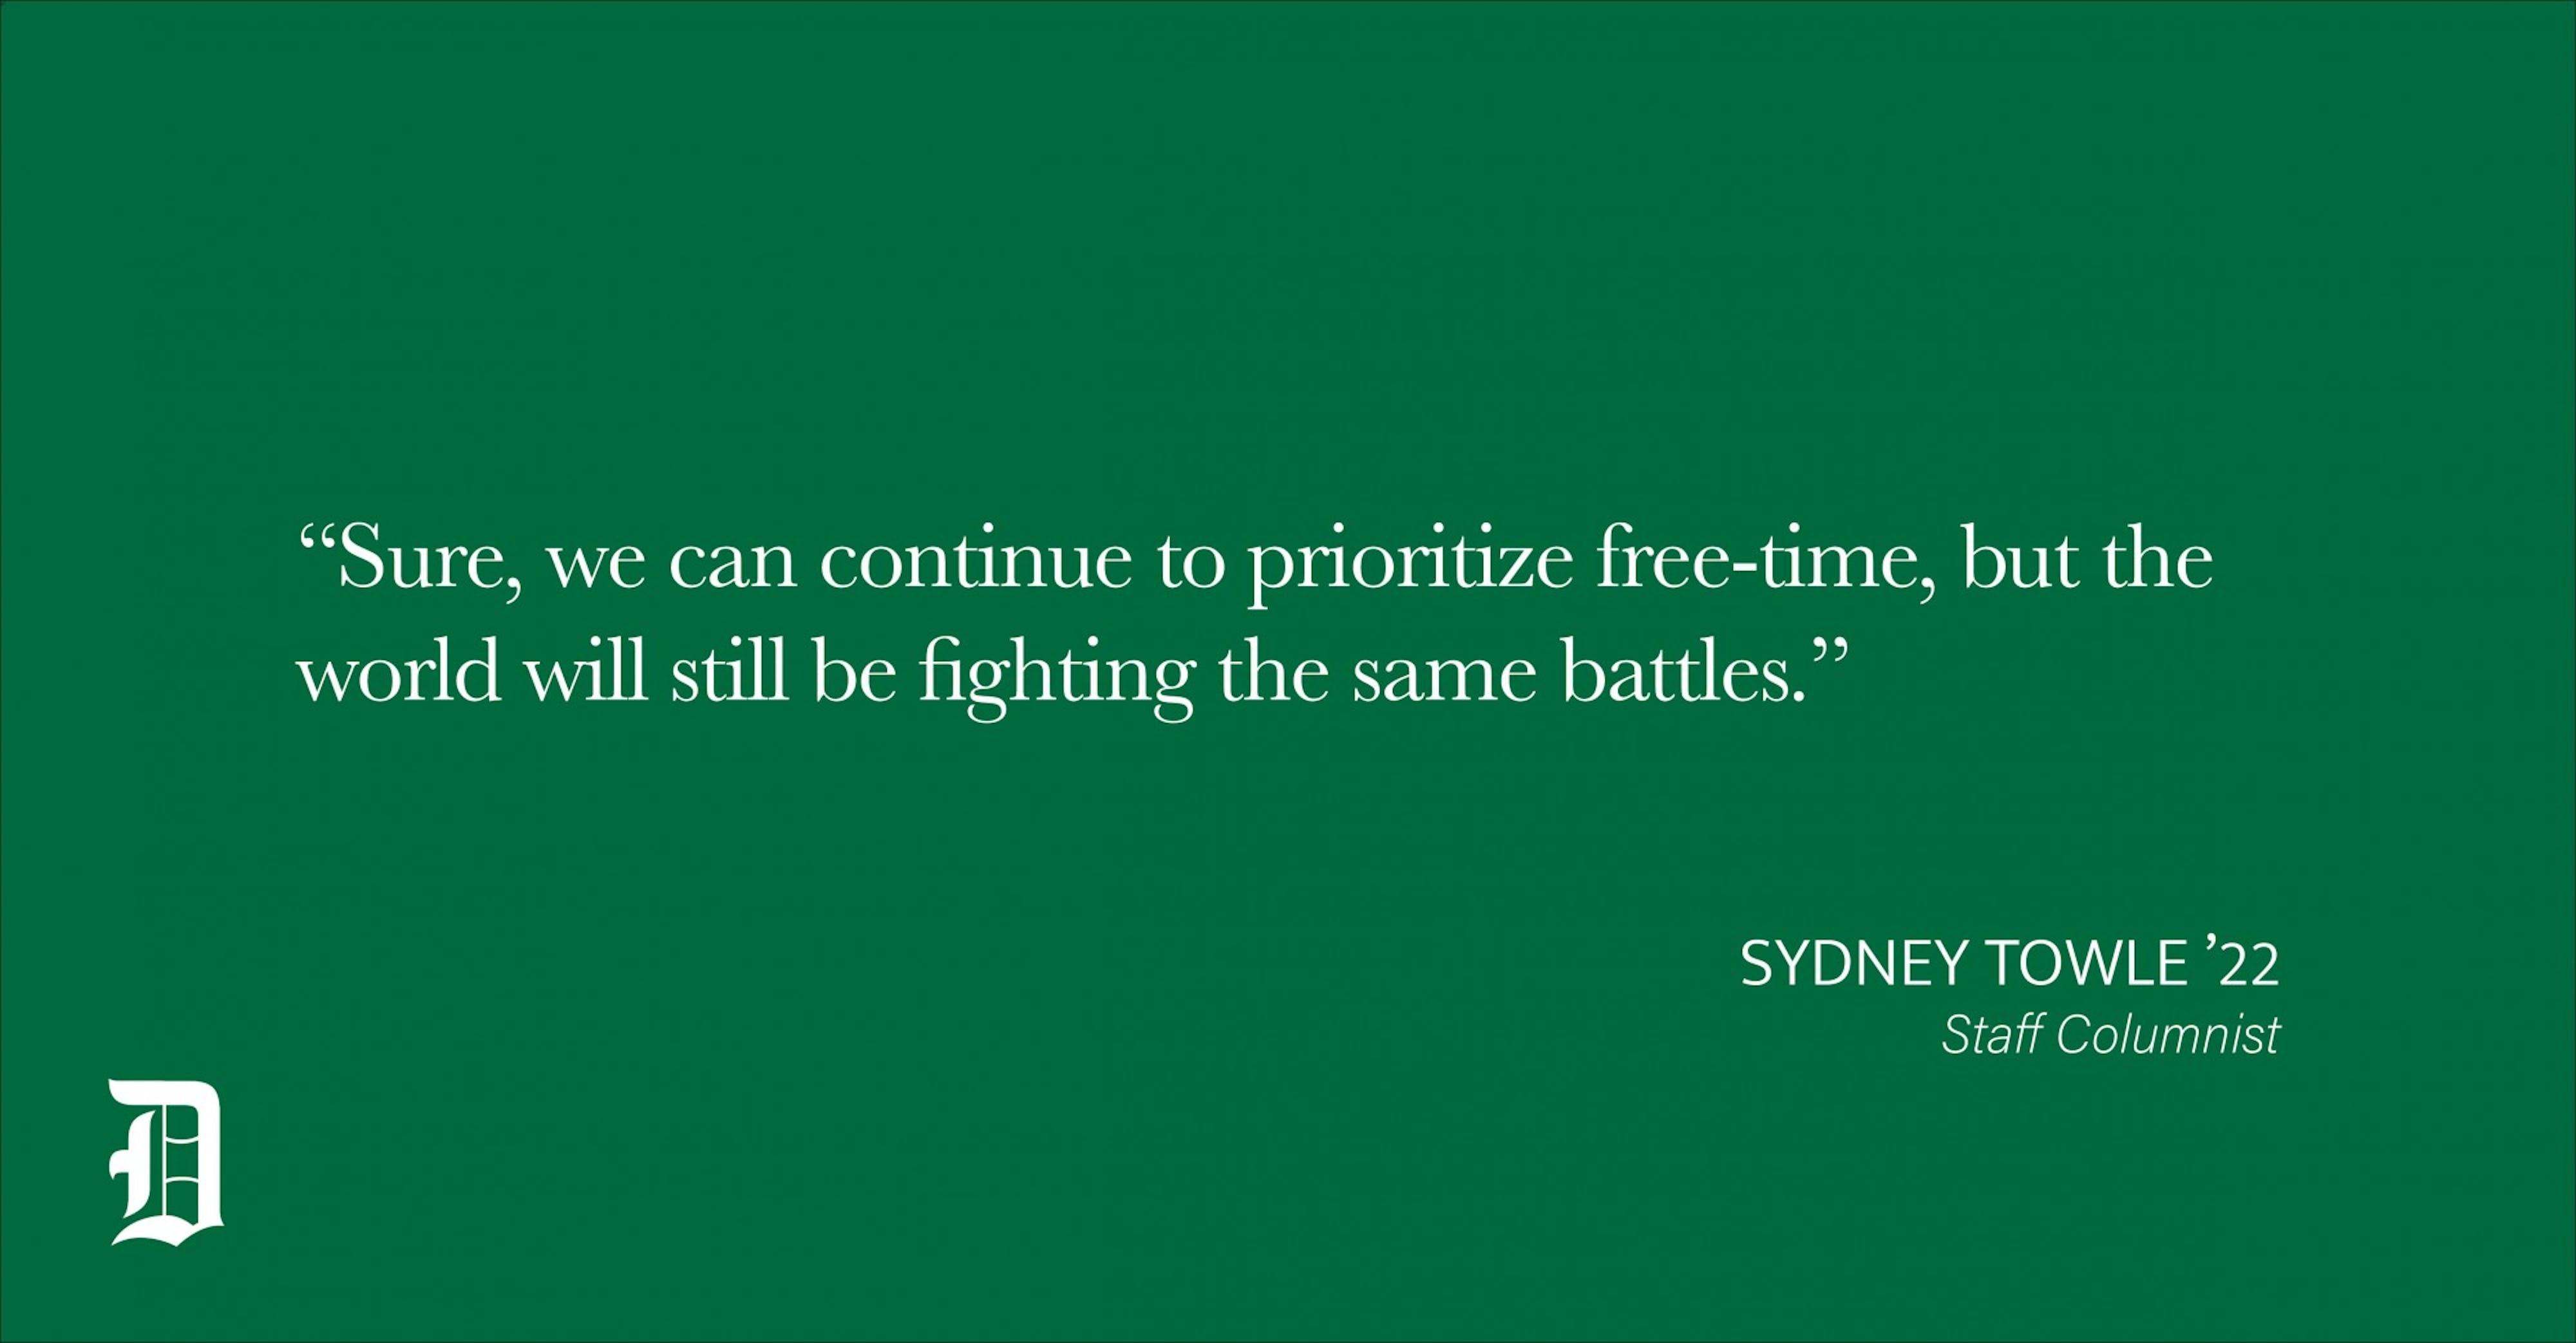 sydney-towle-quote